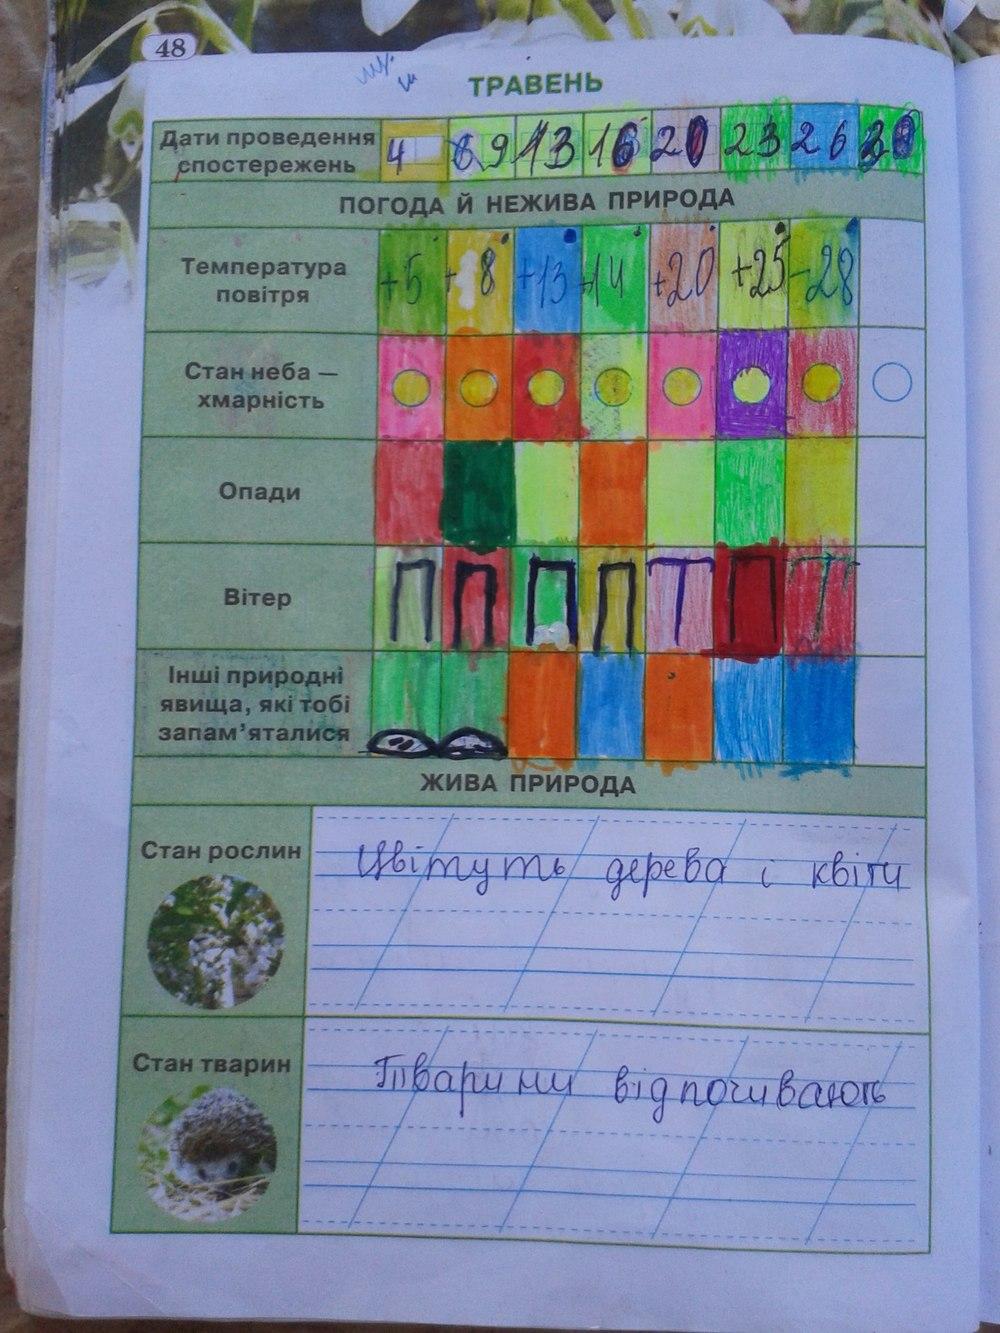 ГДЗ відповіді робочий зошит по биологии 2 класс И. Грущинська. Задание: стр. 48